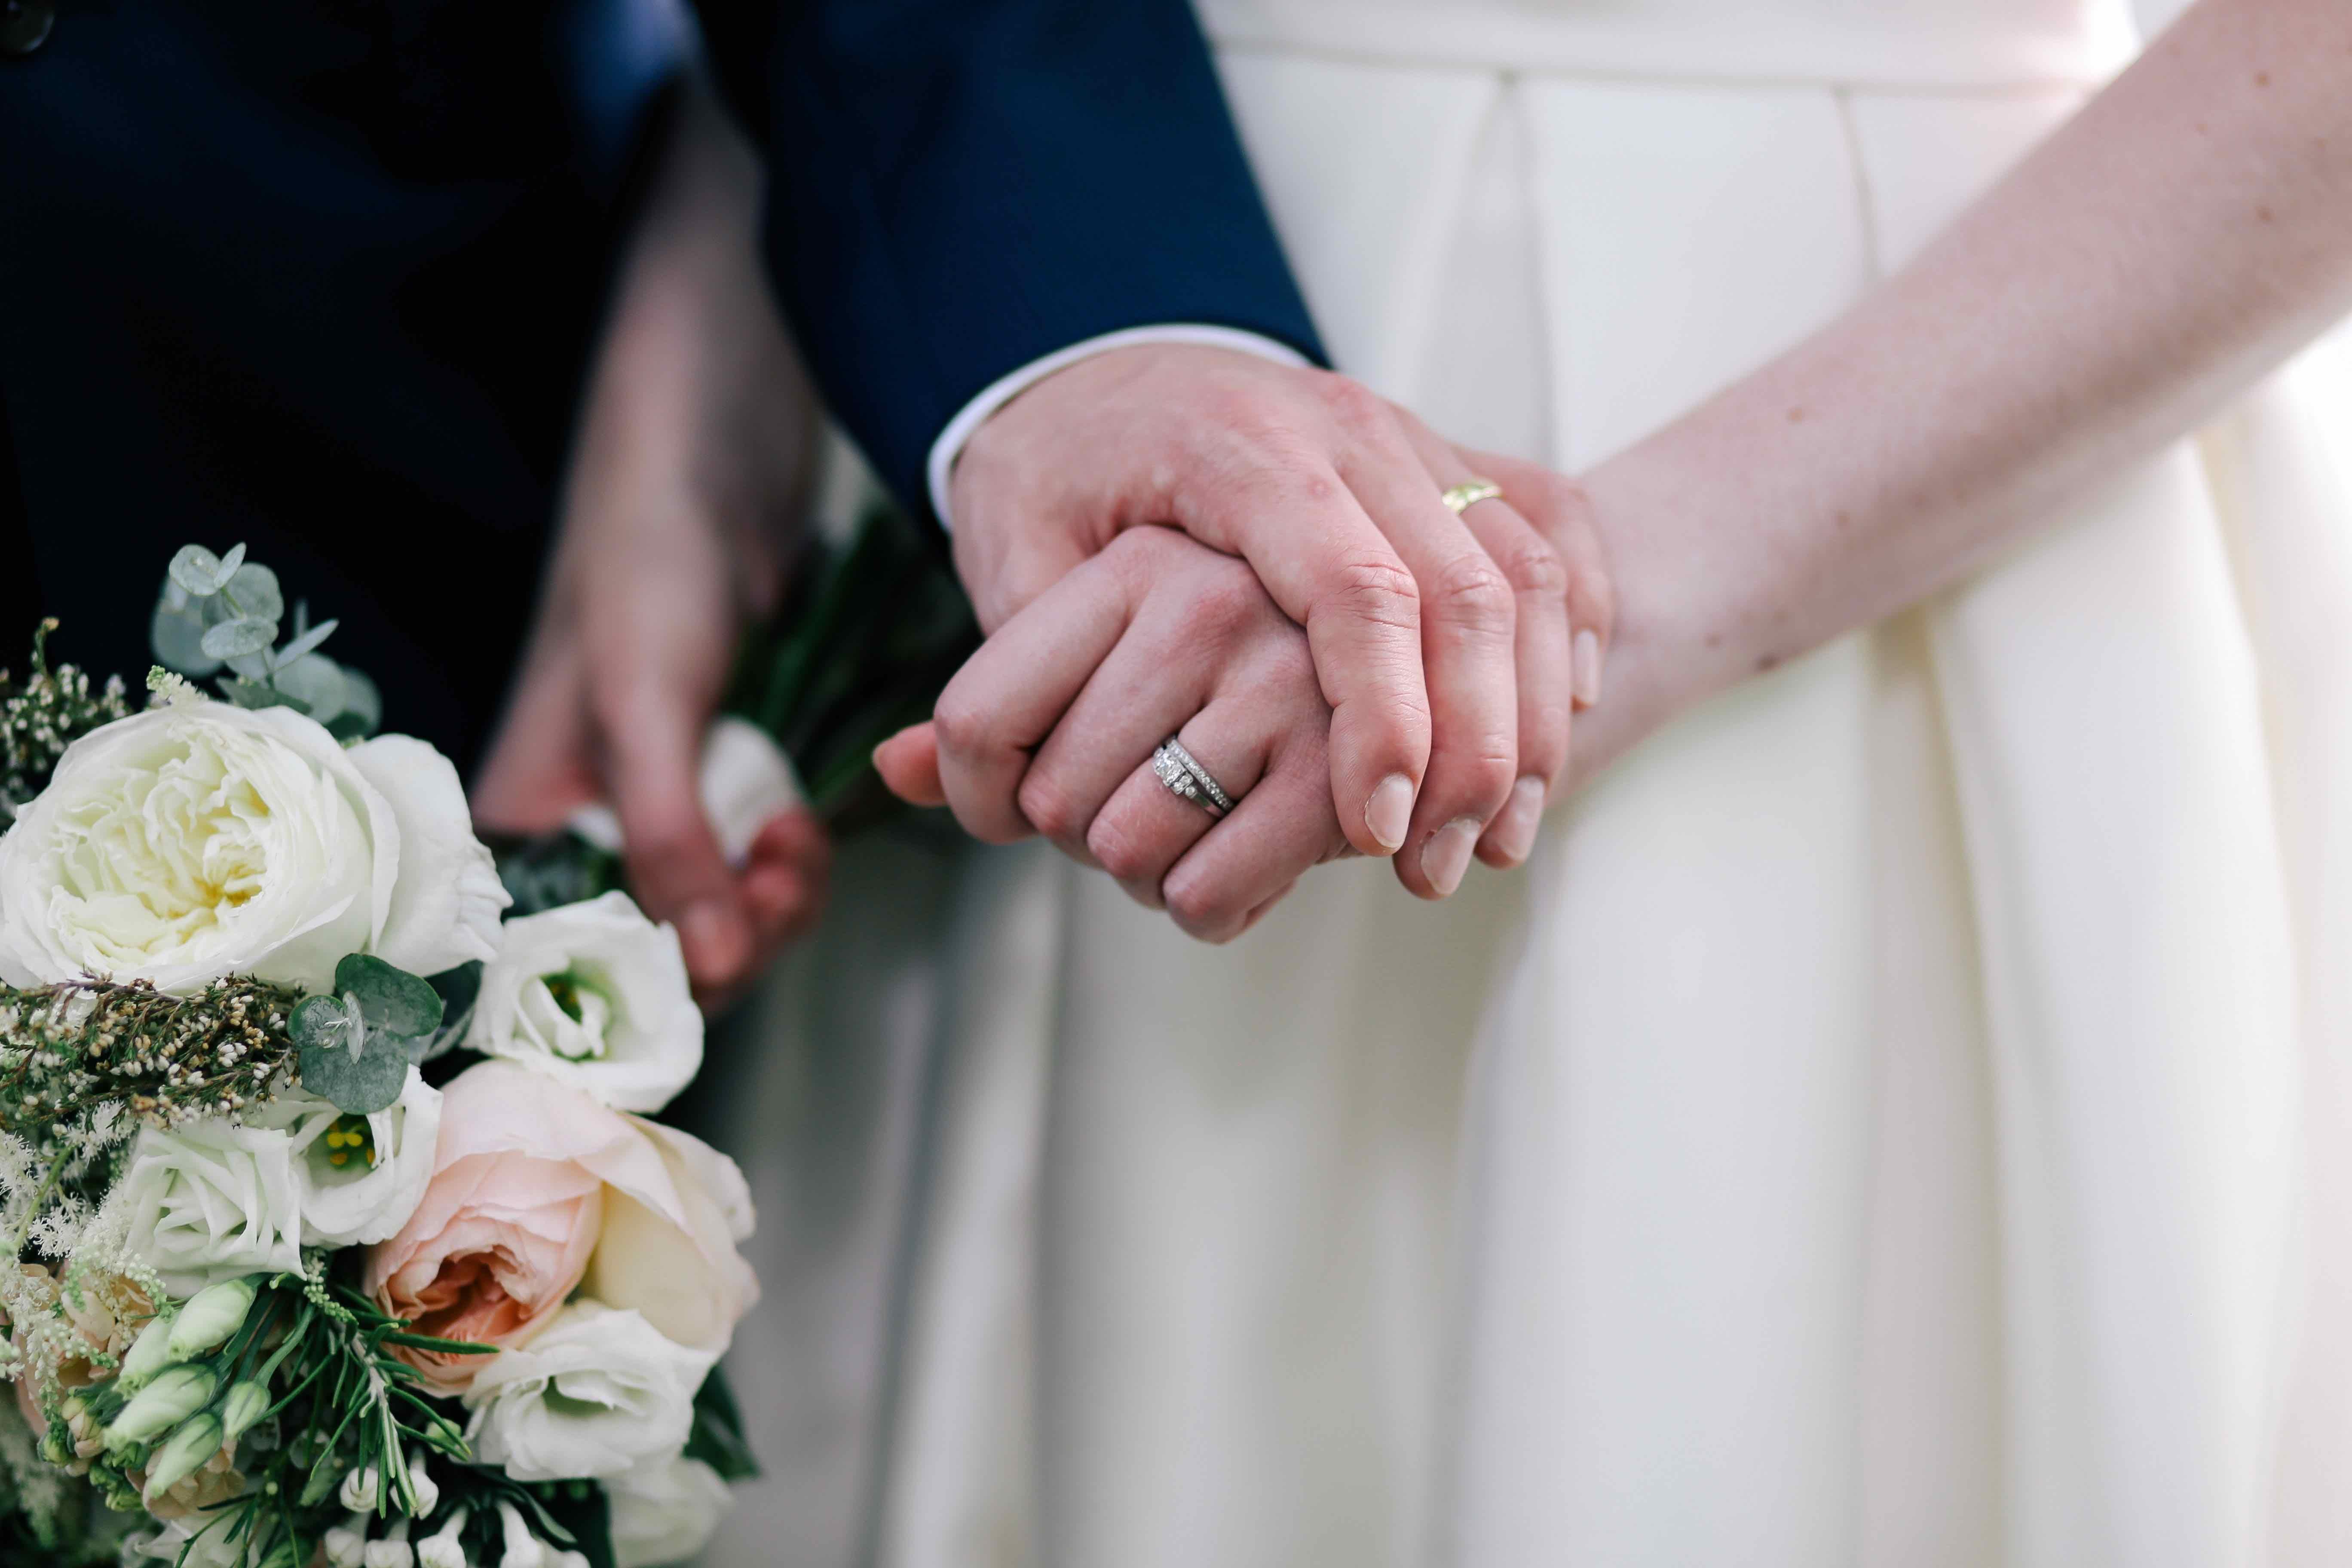 Hände eines Brautpaares; Foto: Lanty / unsplash.com